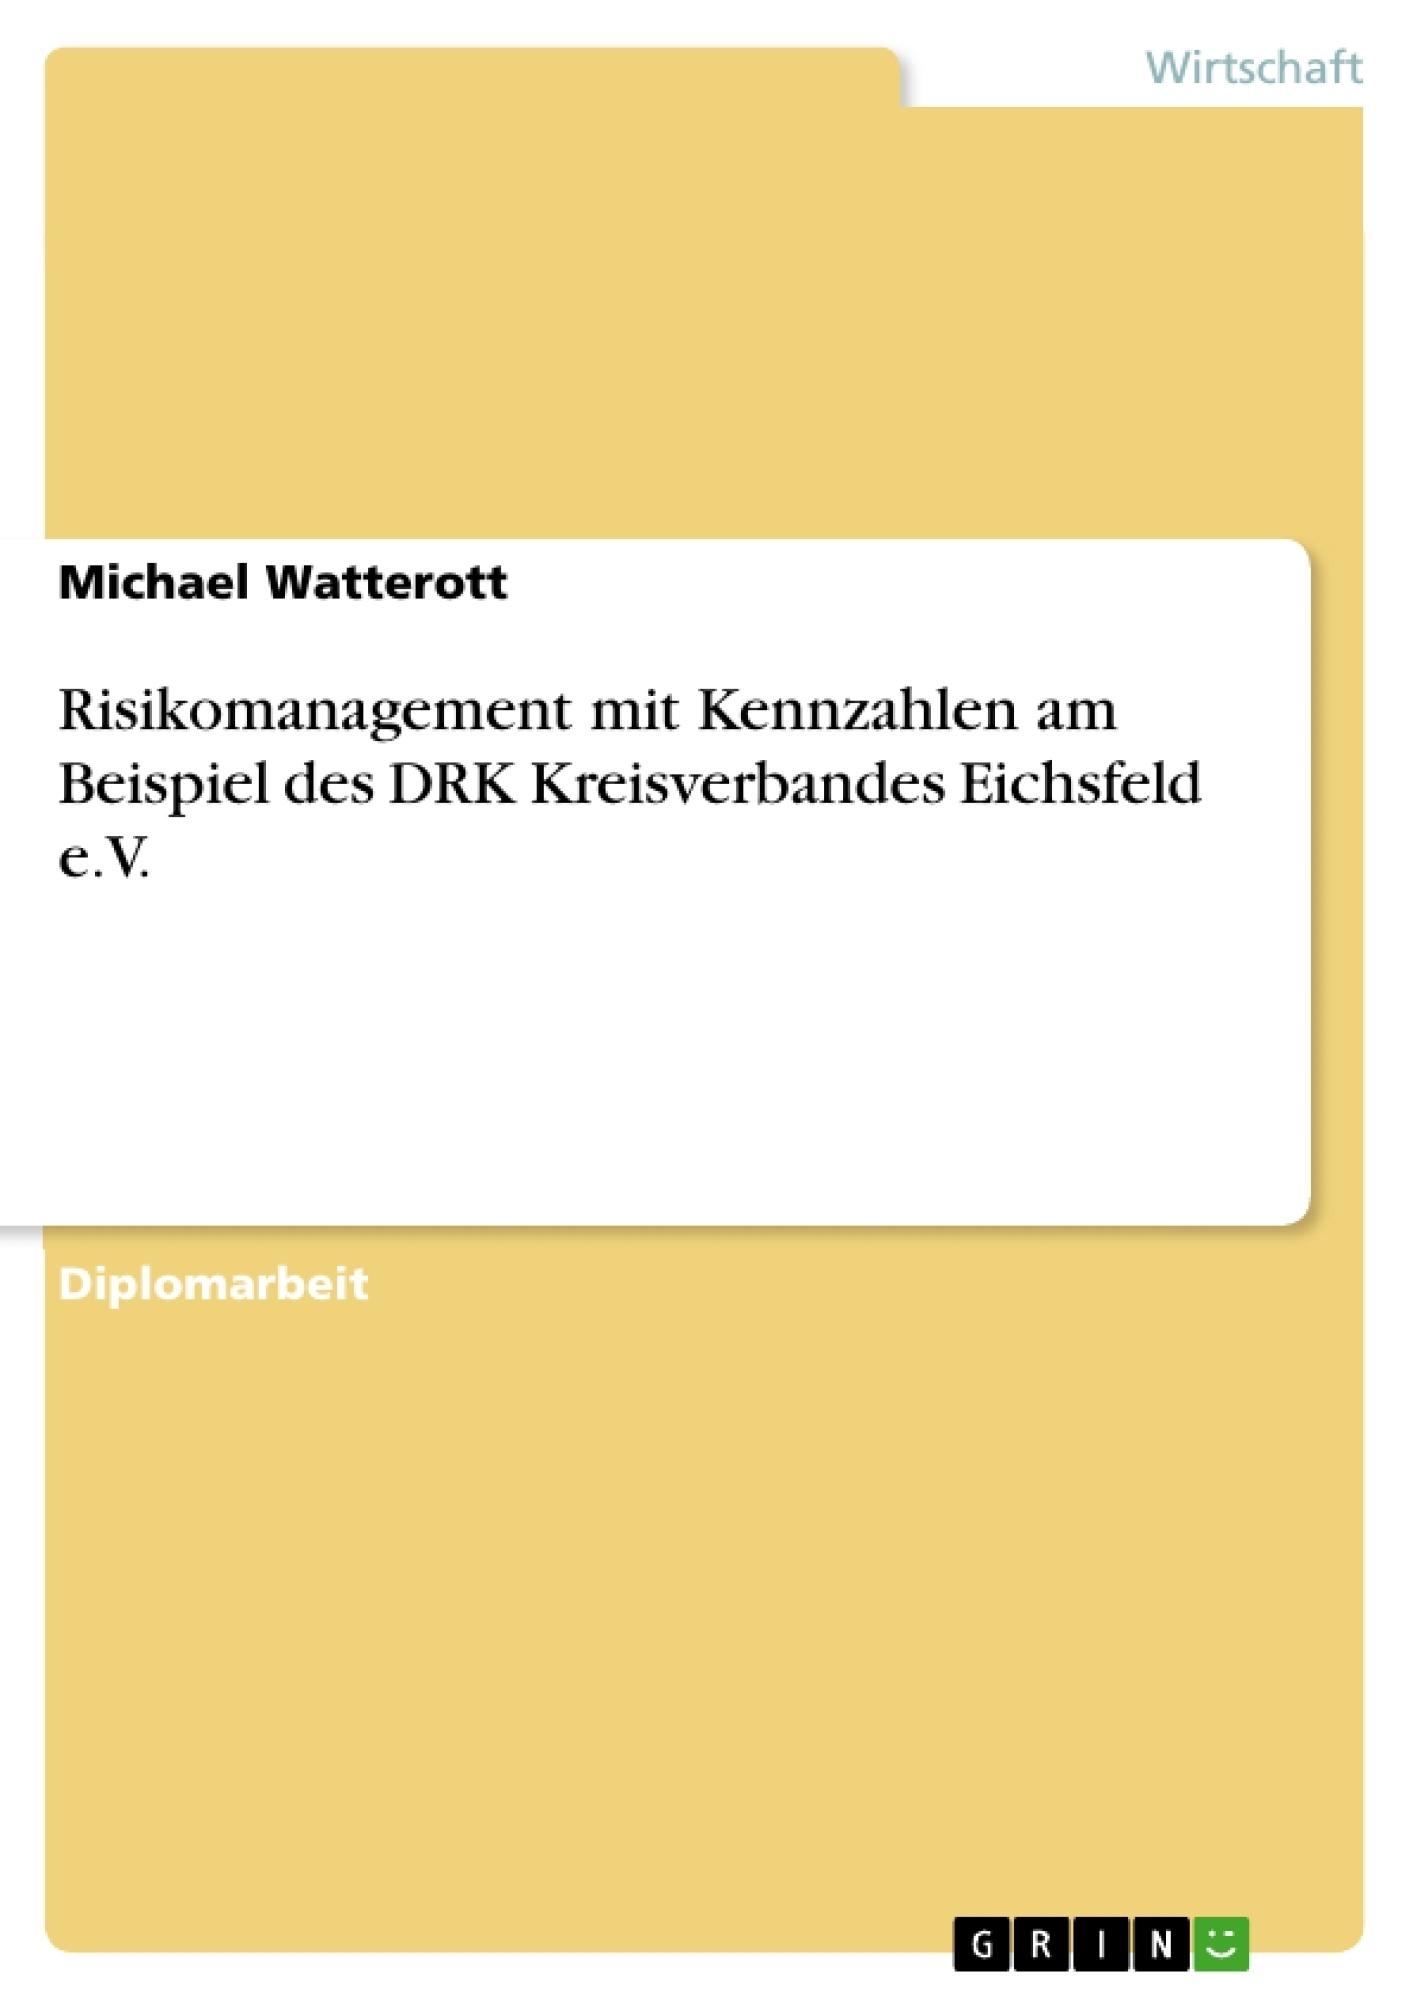 Titel: Risikomanagement mit Kennzahlen am Beispiel des DRK Kreisverbandes Eichsfeld e.V.